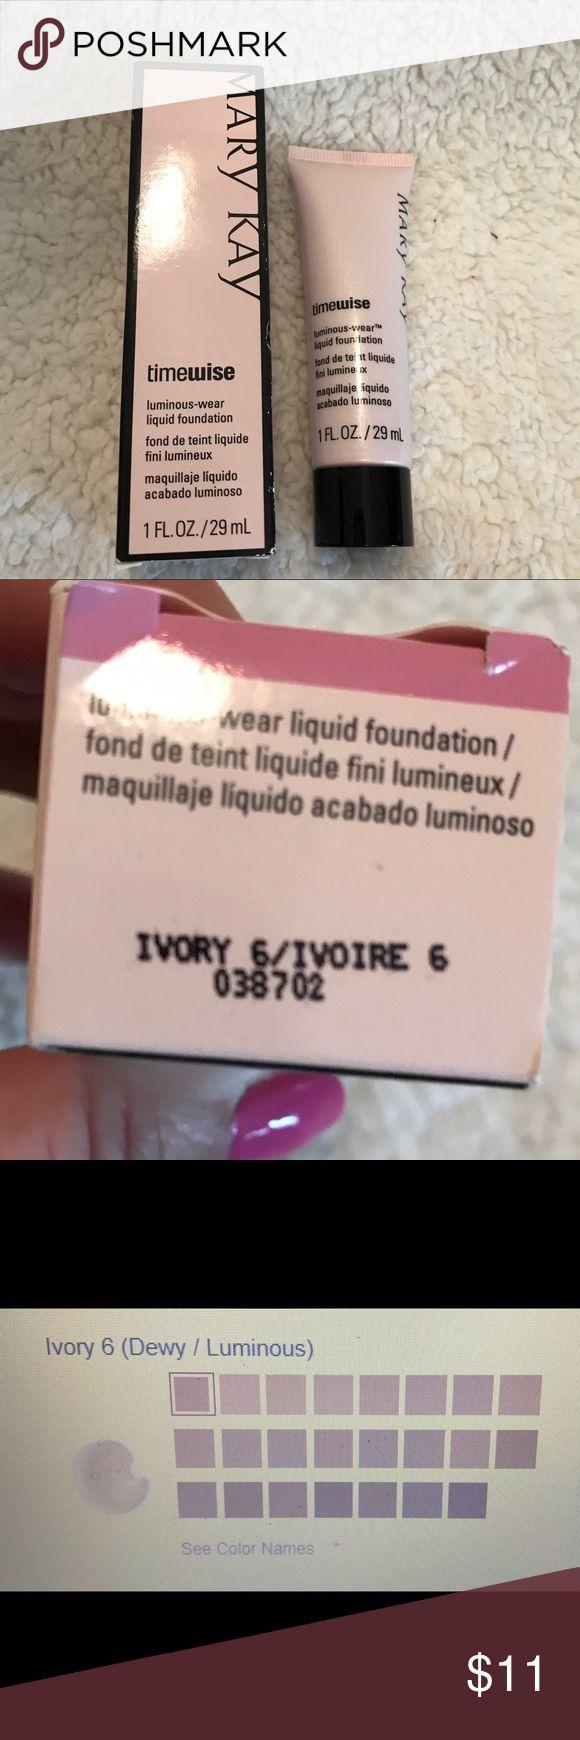 Permanecer fiel base de maquillaje mary con venta al por menor marfil jojoba 1 oz